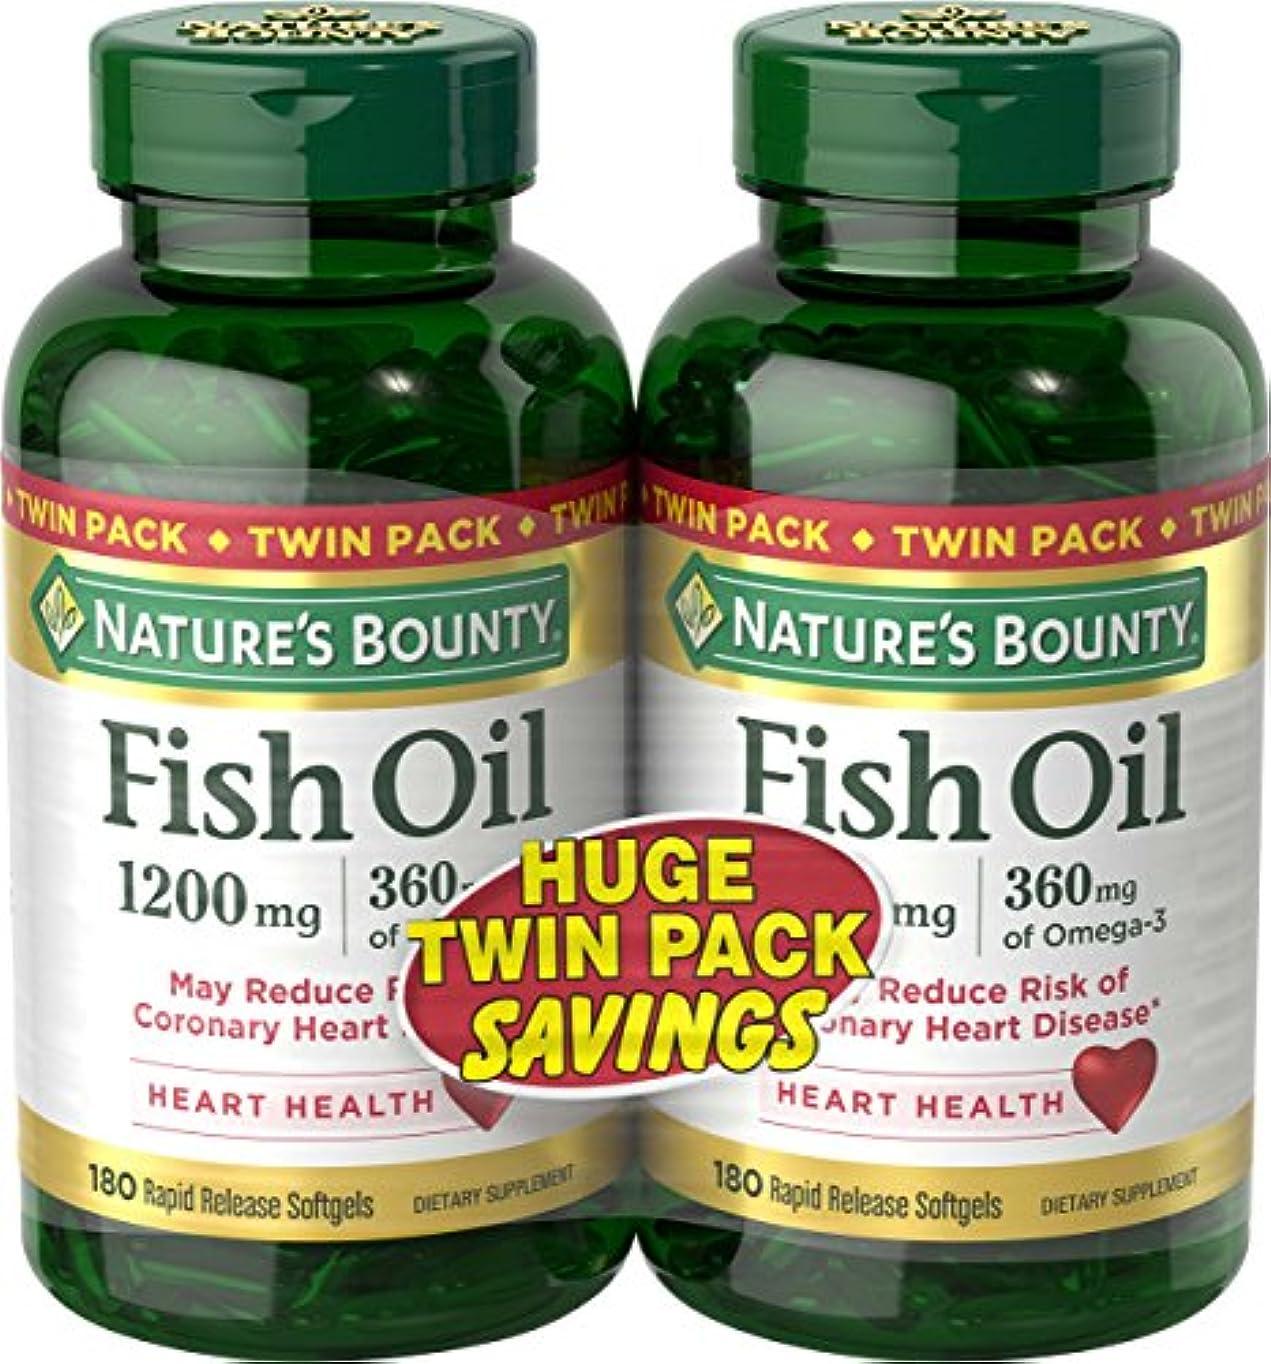 シーサイド不安争いNature's Bounty Fish Oil 1200 mg Twin Packs, 180 Rapid Release Liguid Softgels 海外直送品